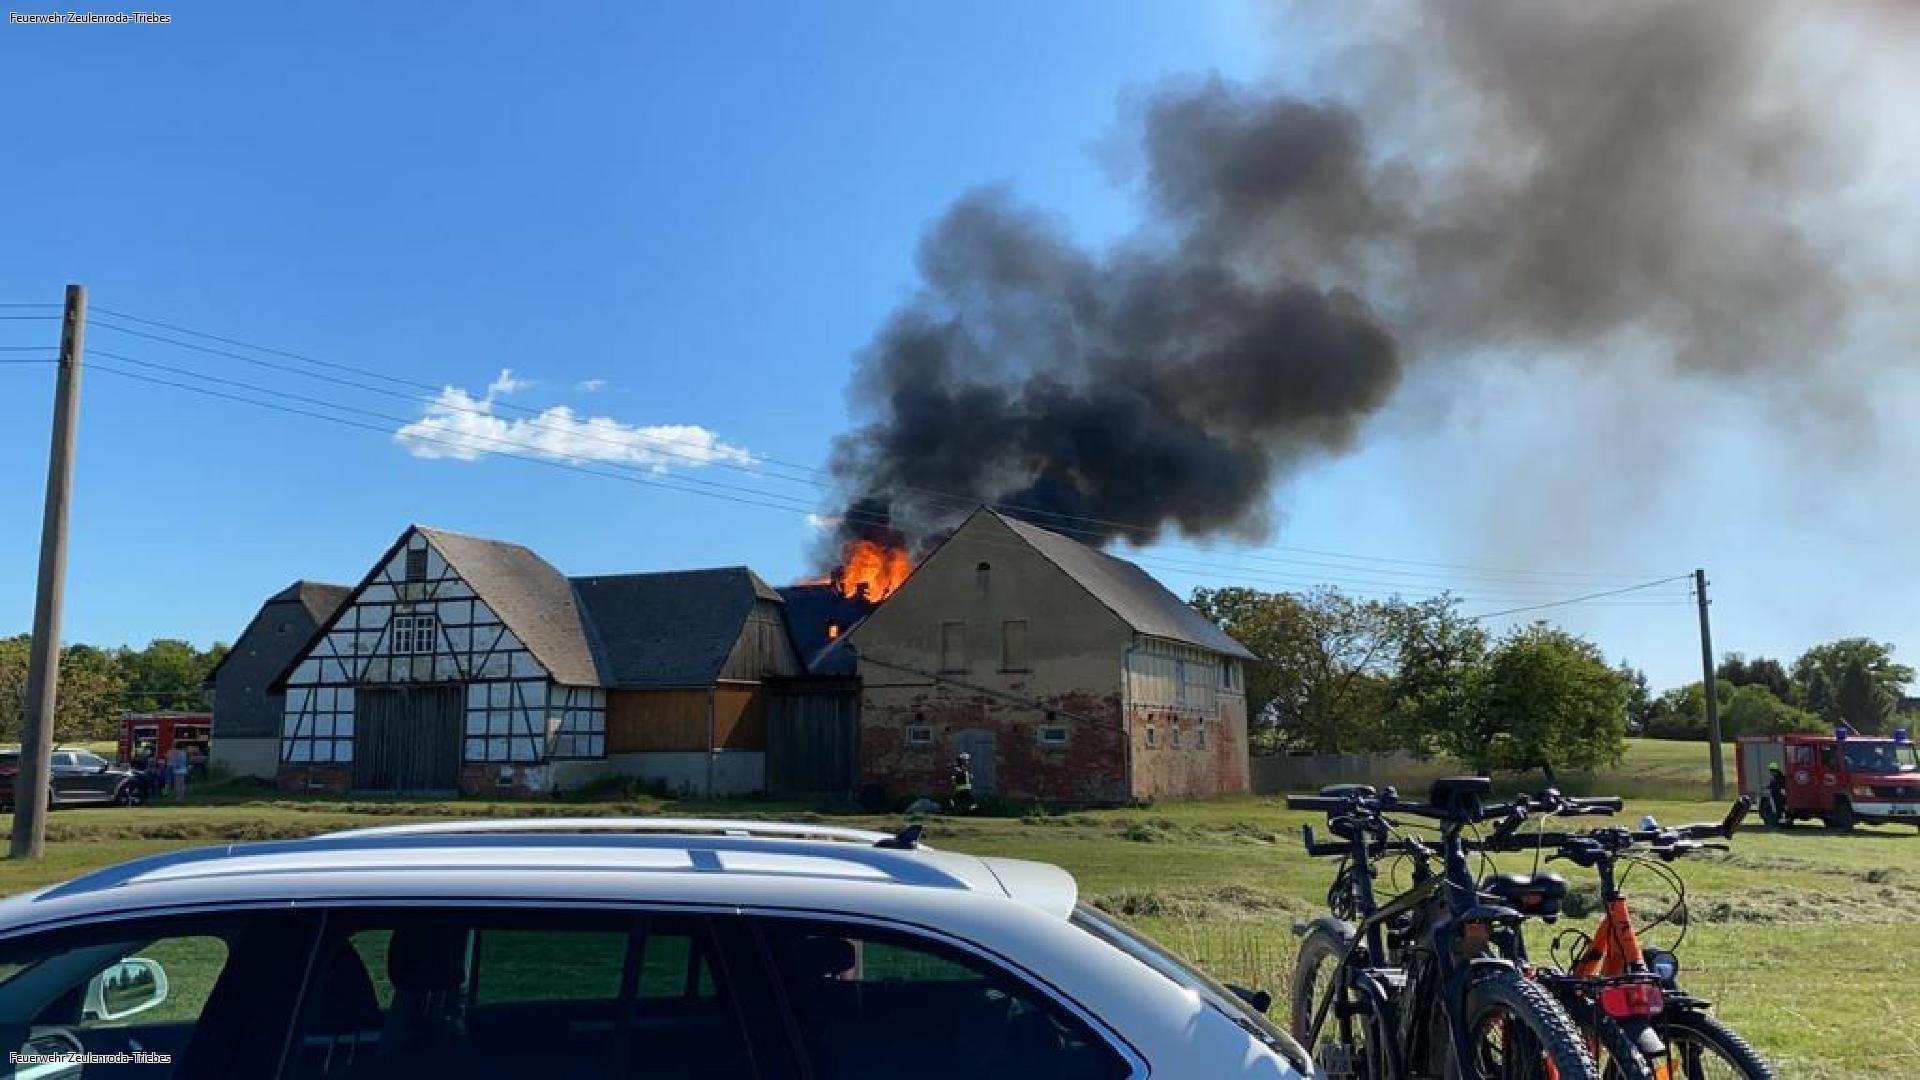 Über 100 Rettungskräfte bei Brand im Einsatz